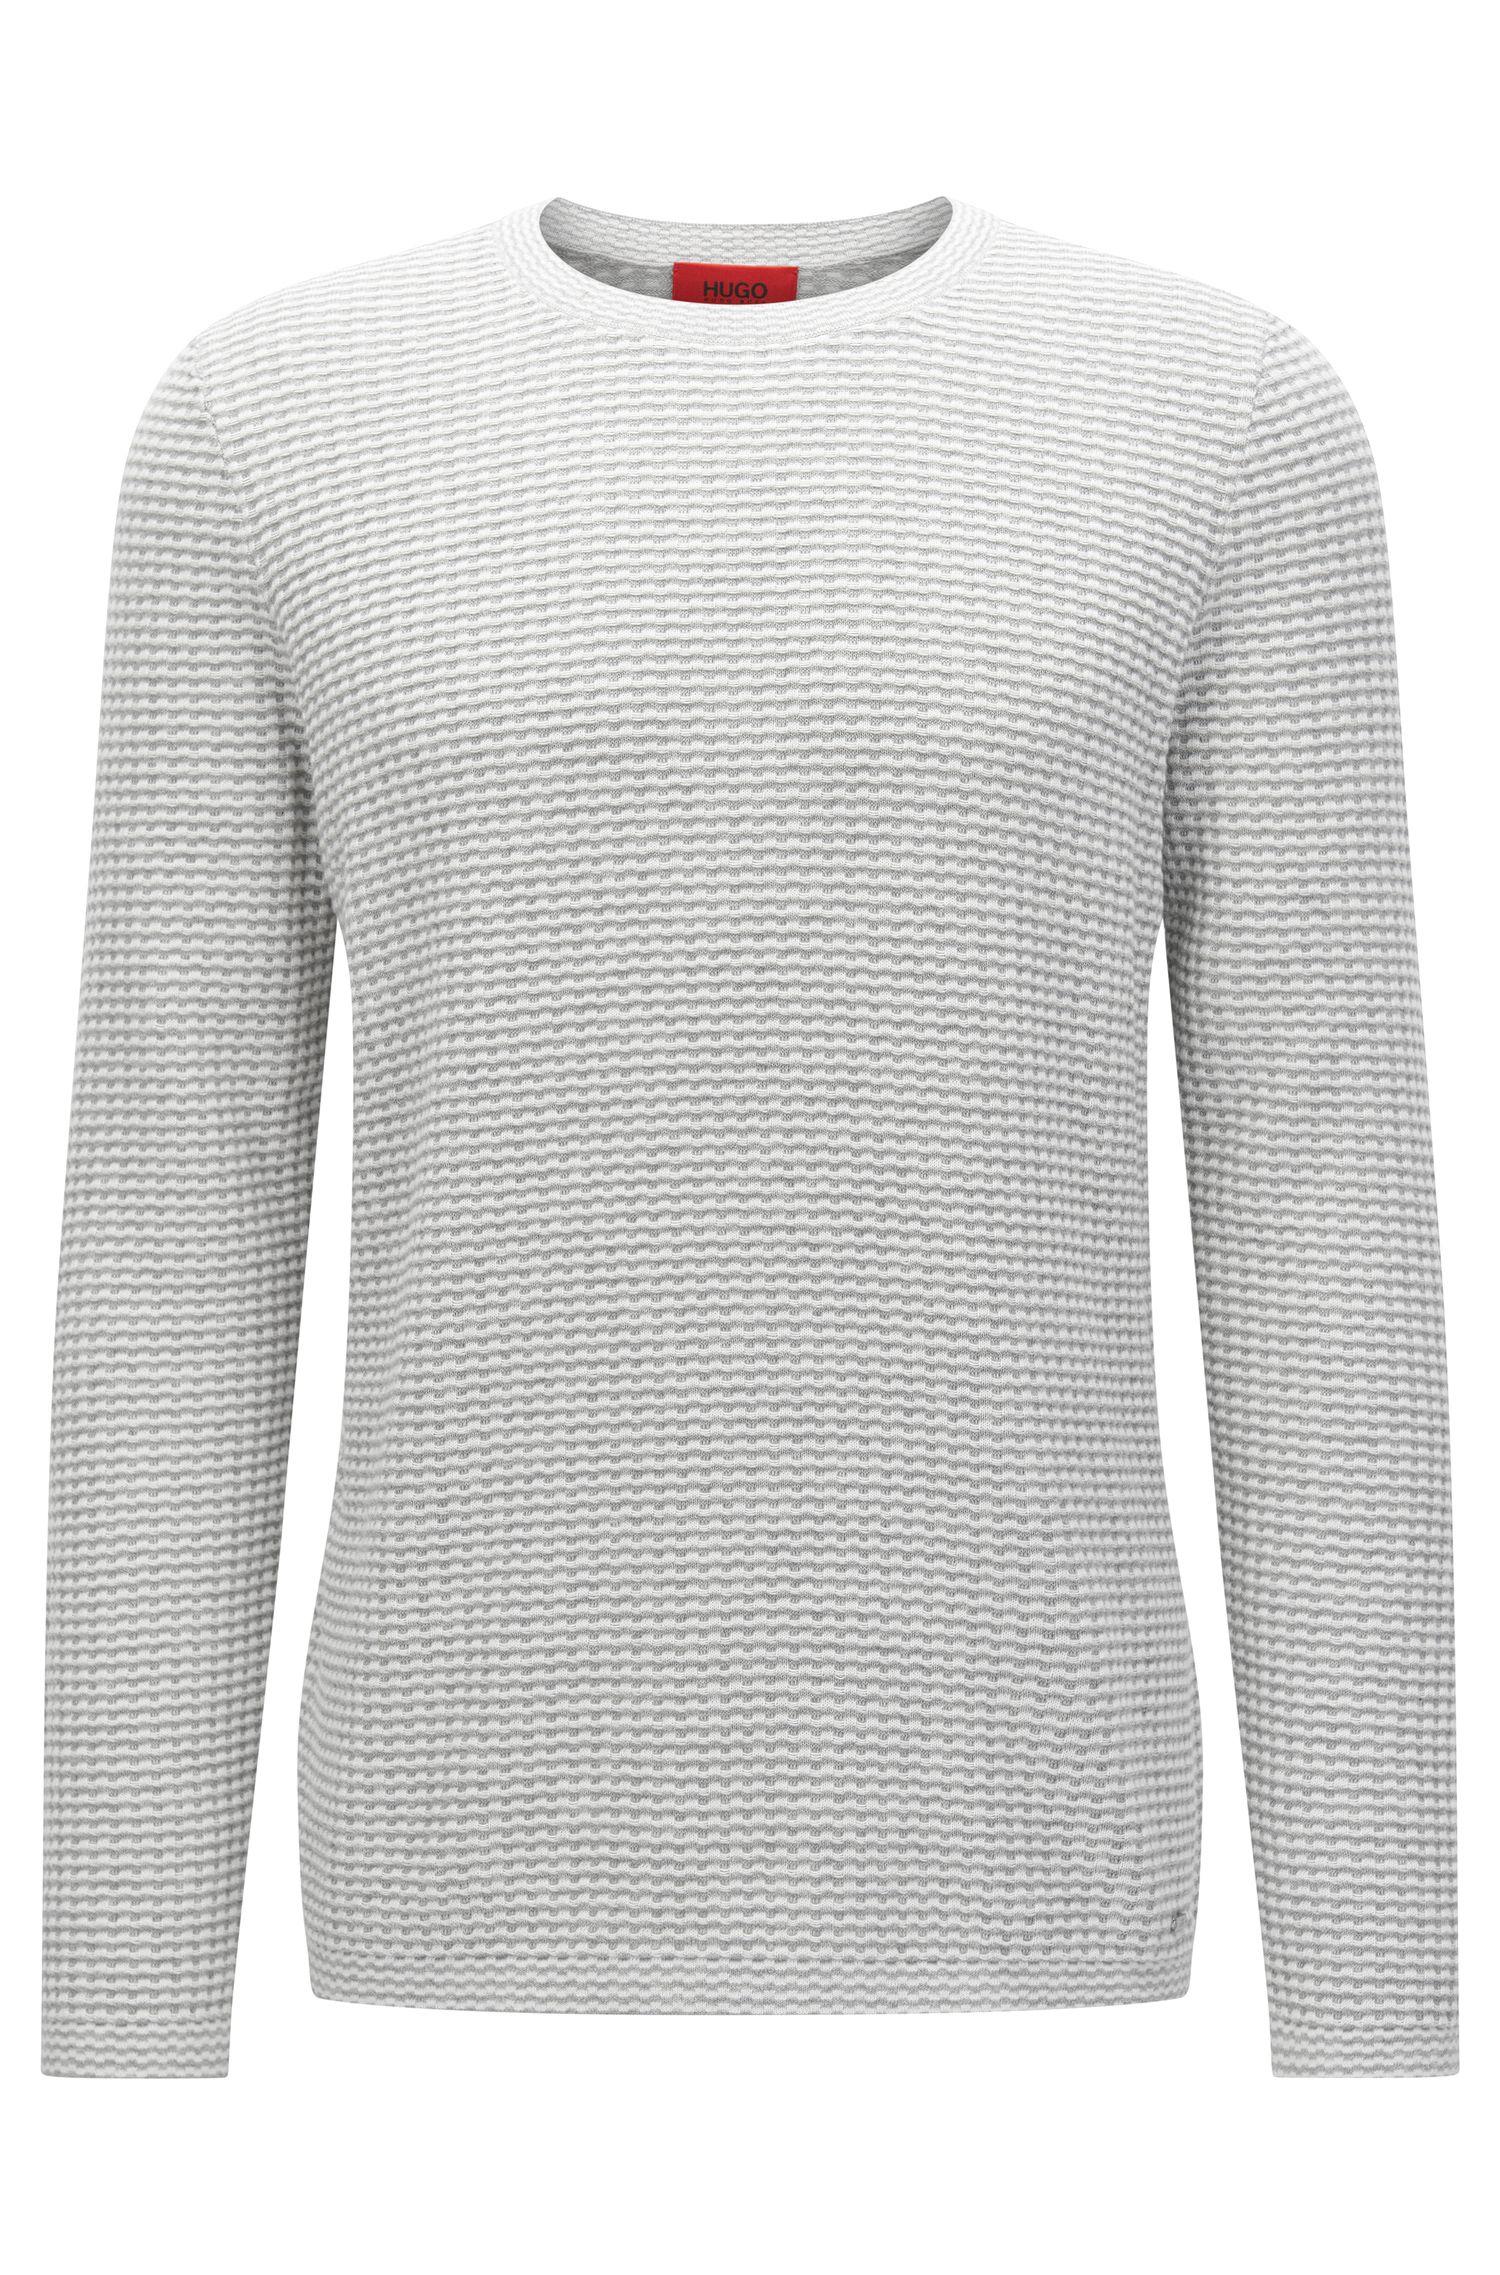 Oversized-Fit Pullover aus strukturierter Baumwolle: 'Stanch'